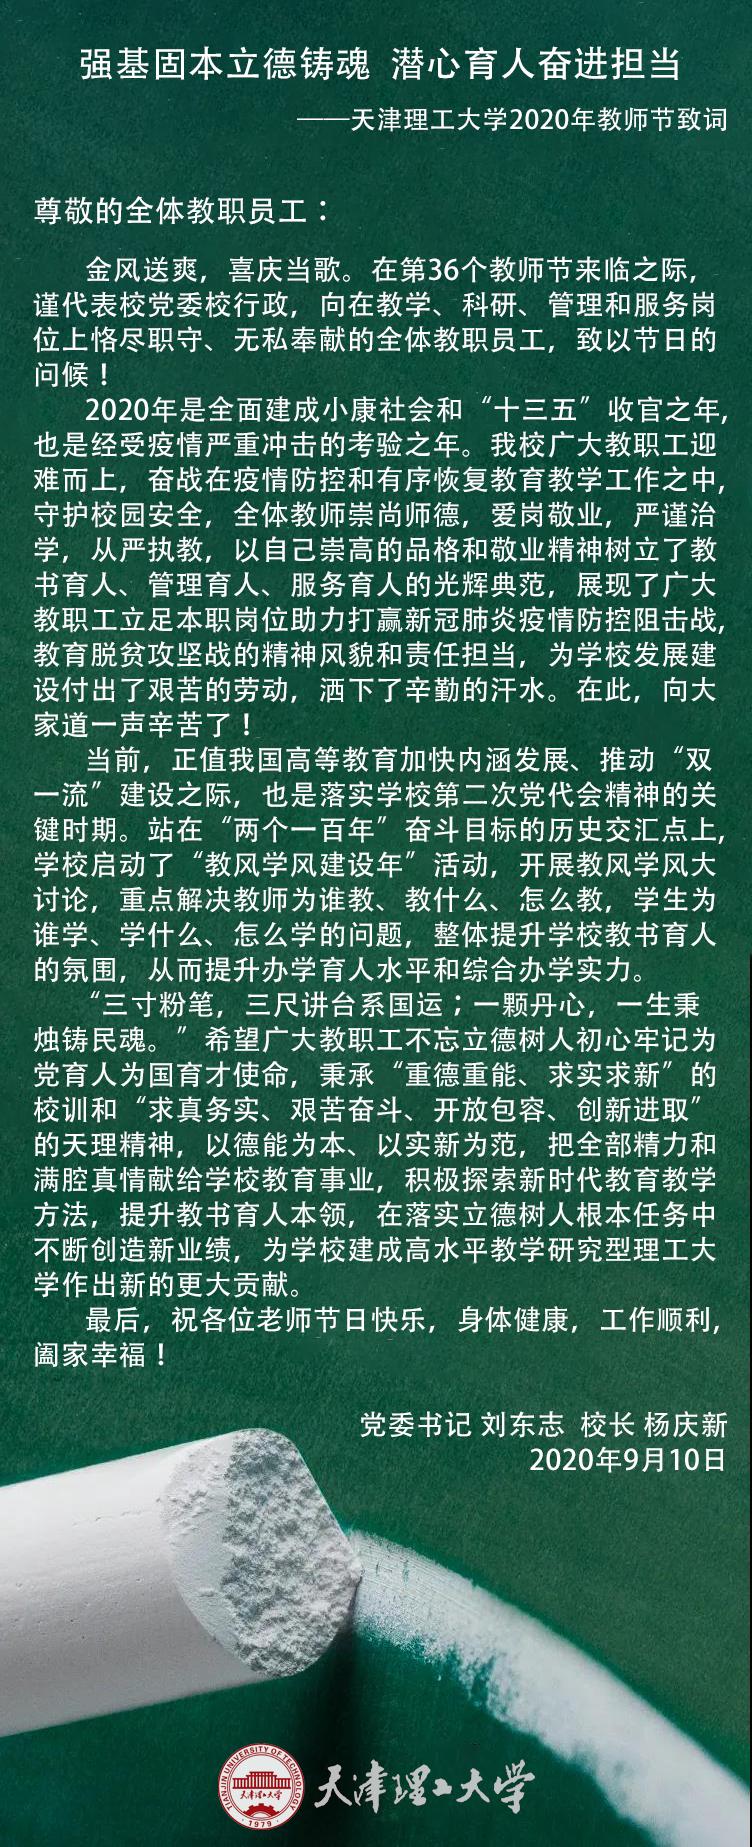 刘东志、杨庆新向全校教师和教育工作者致以节日祝贺和诚挚慰问图片